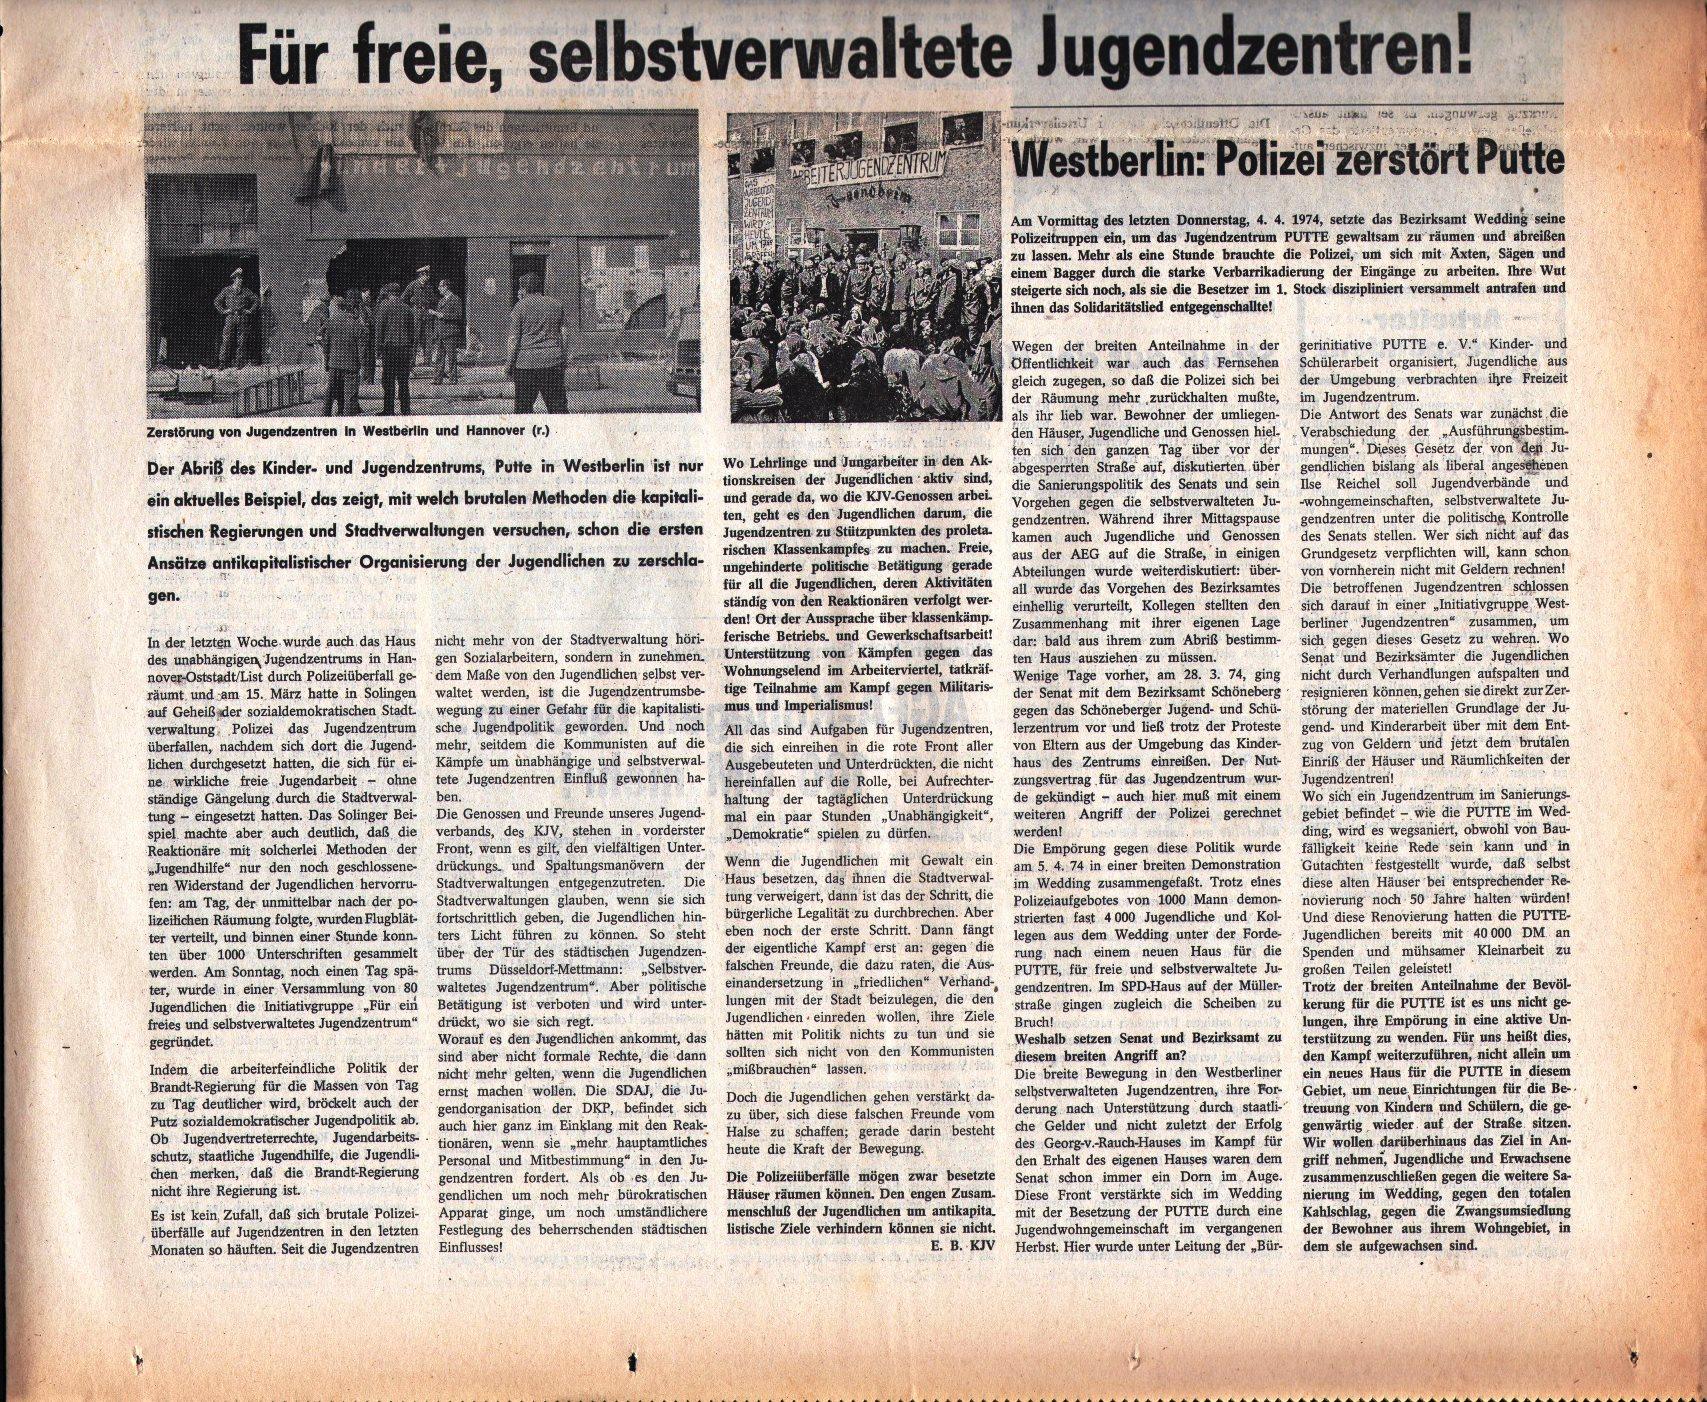 KPD_Rote_Fahne_1974_15_06